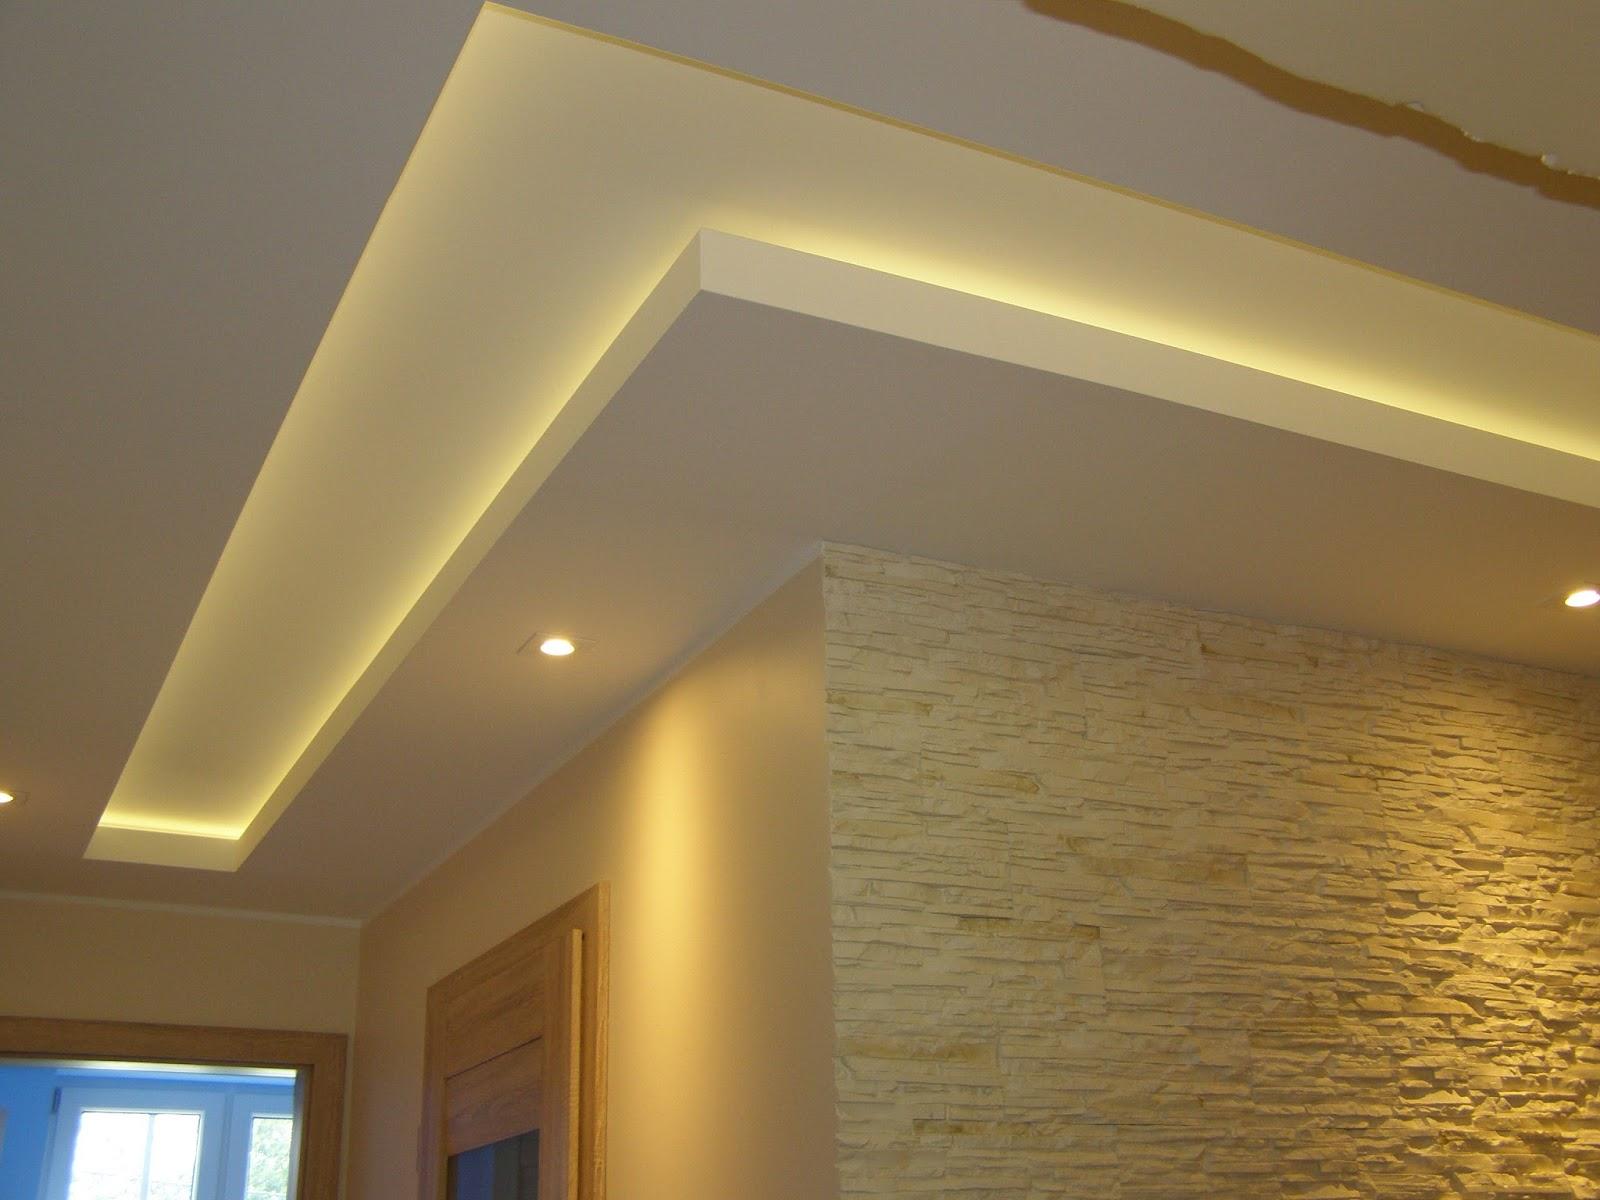 Ma y du y remont remonty gda sk sufit podwieszany for Sufit podwieszany w salonie